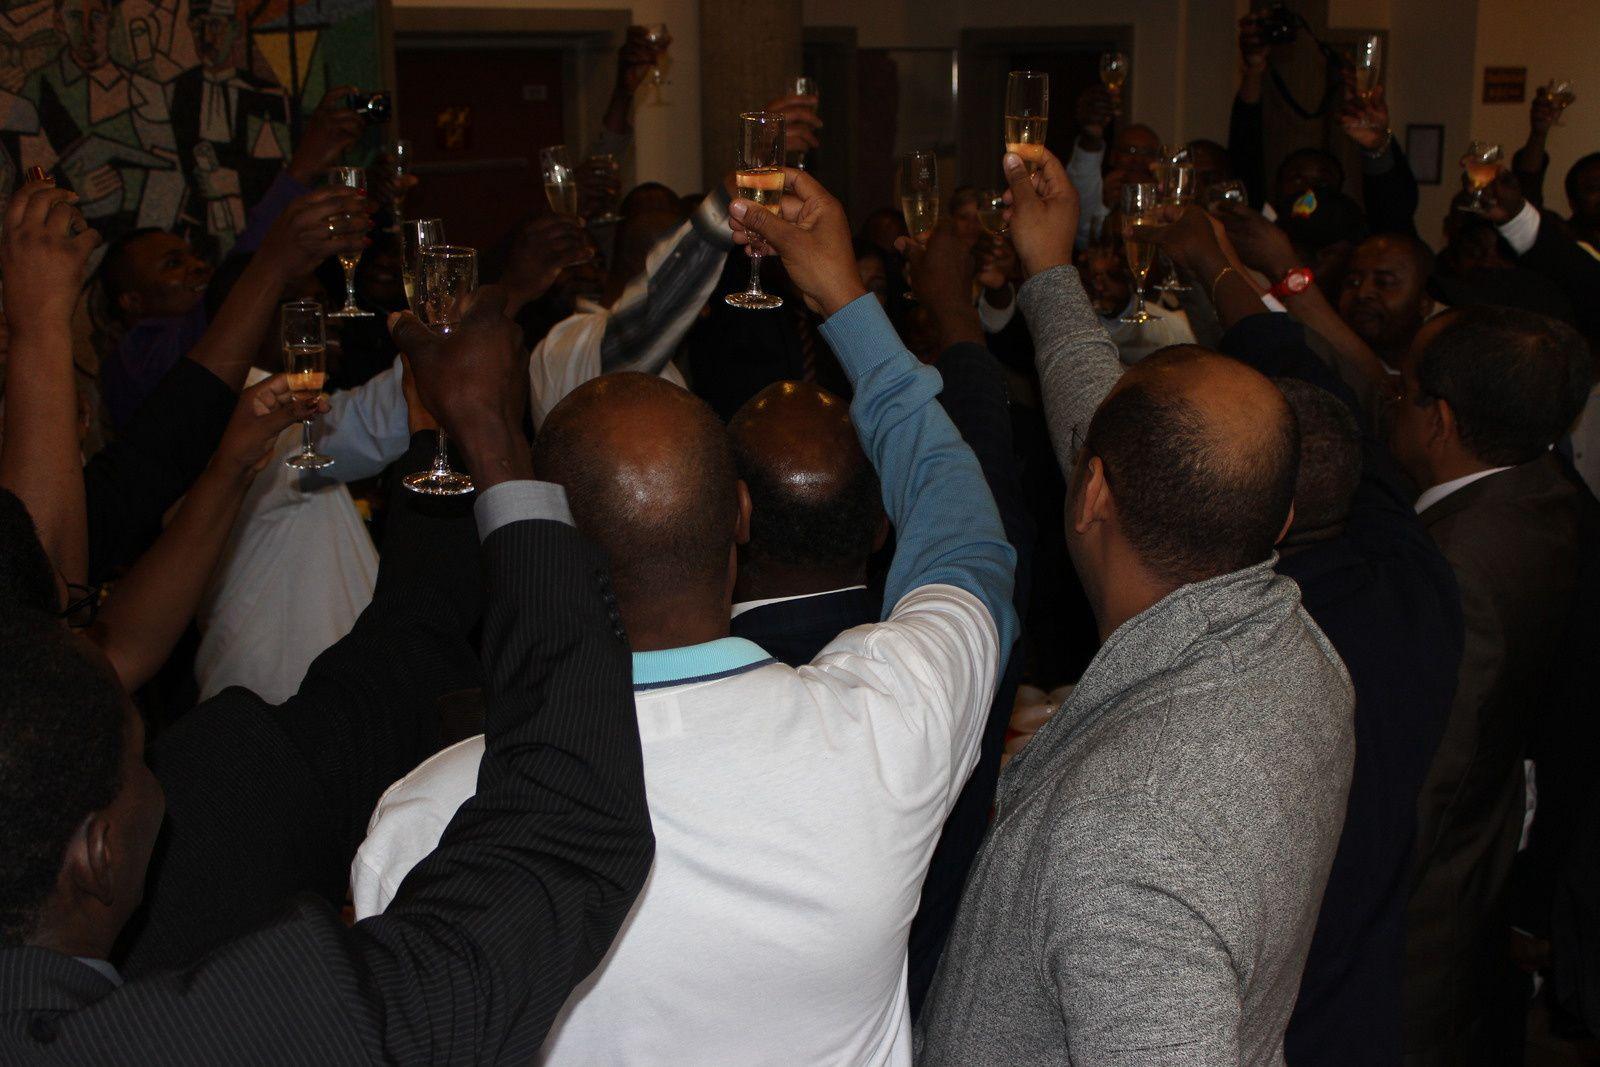 A Comunidade angolana na Confederaçâo Helvética, celebrou hoje, o dia da Paz em Angola, sem cores partidárias.